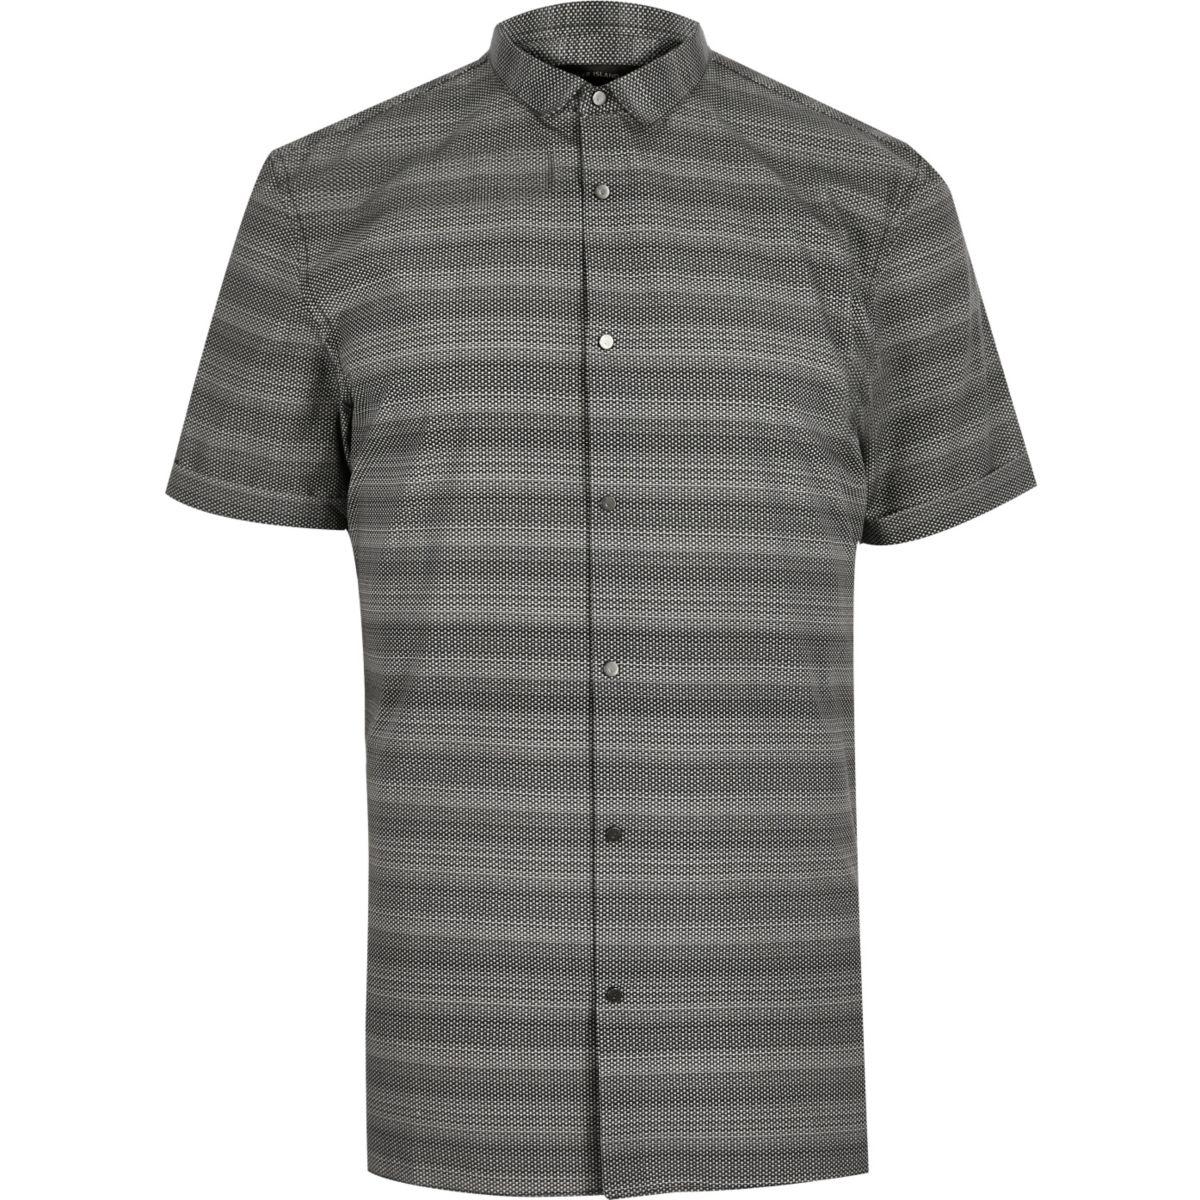 Graues, schmales Hemd mit Streifen